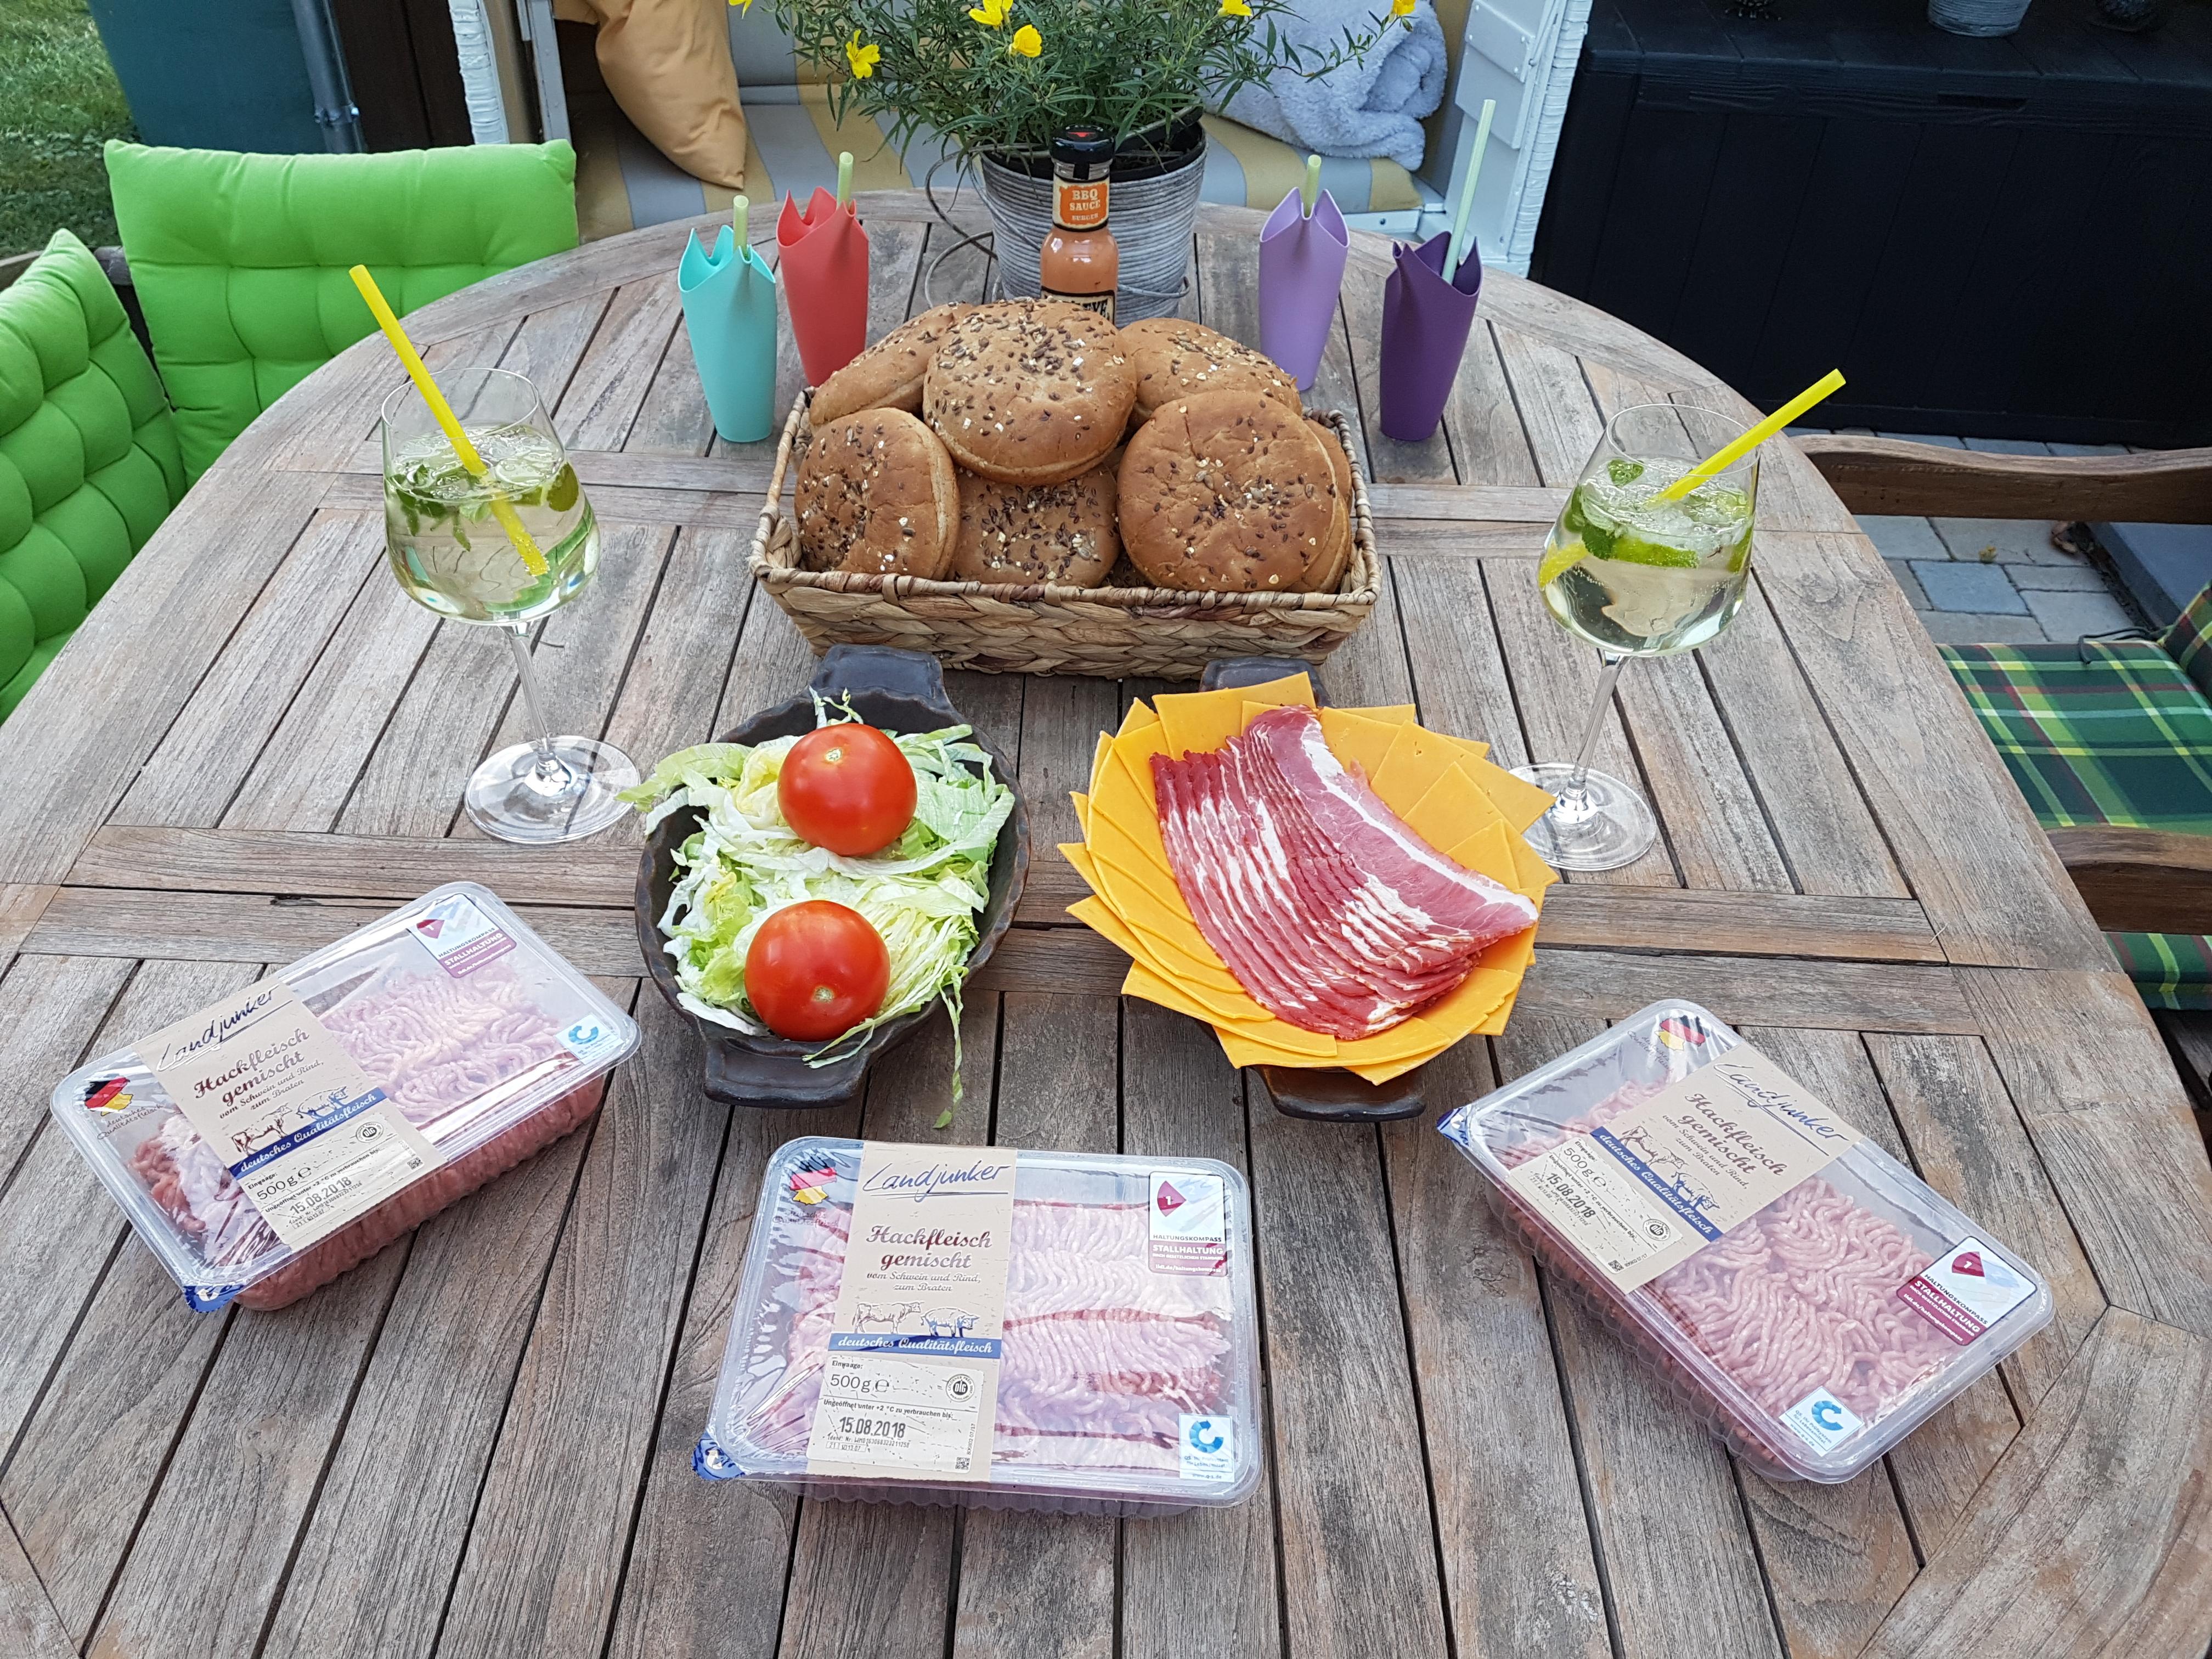 https://foodloader.net/Holz_2018-08-10_Burger.jpg